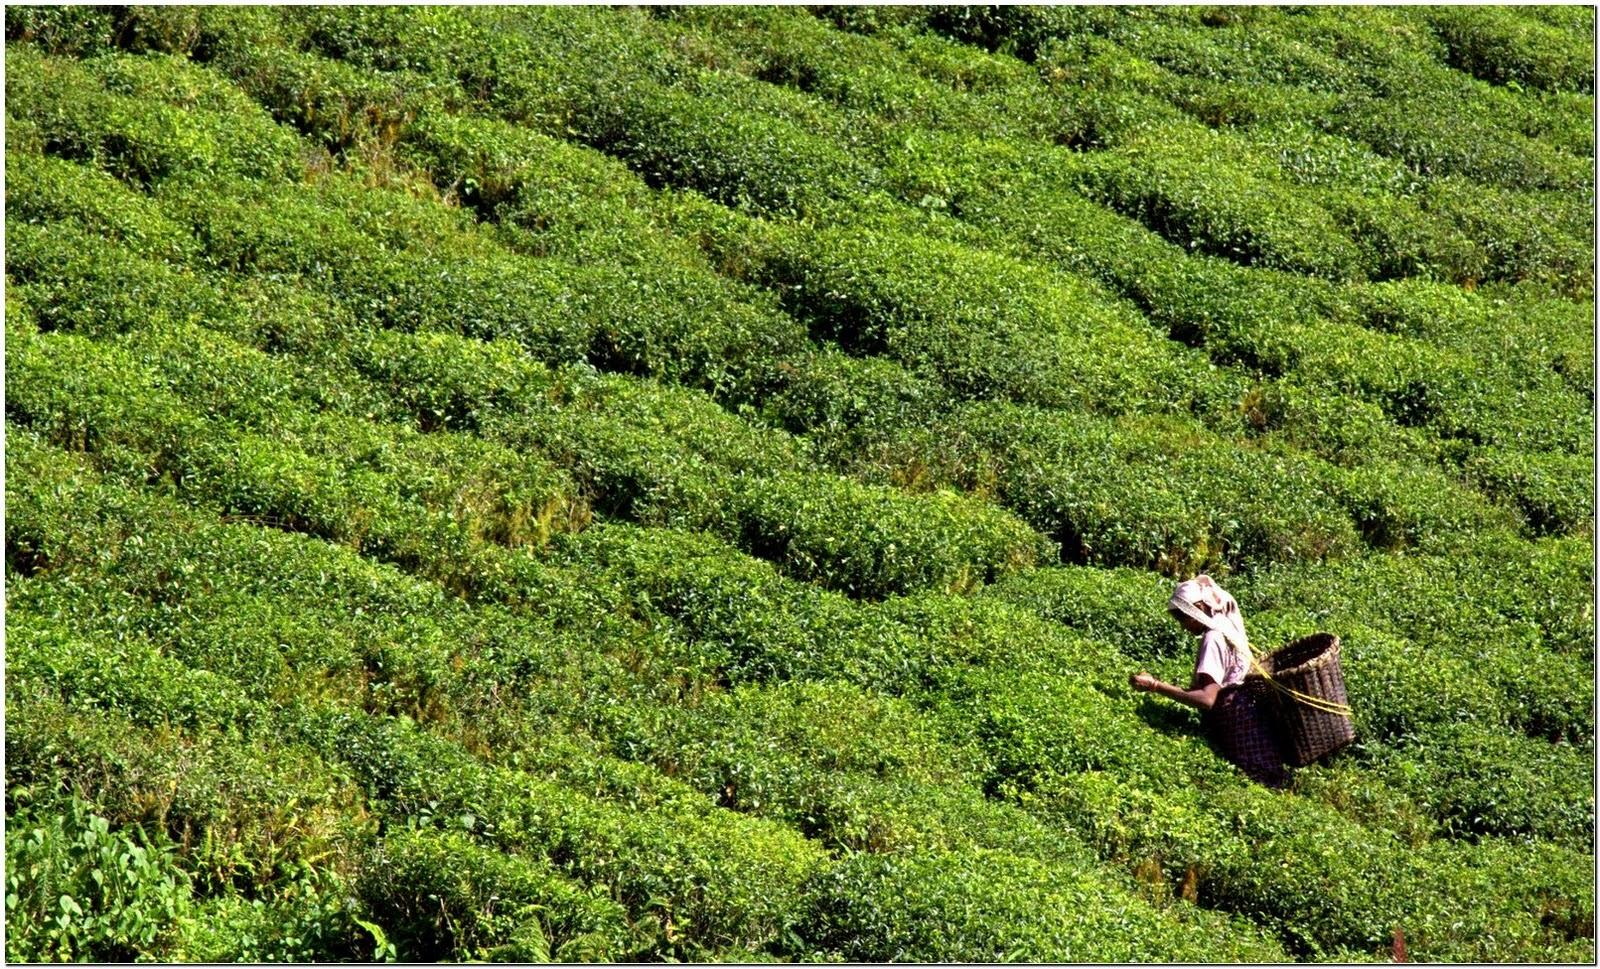 http://1.bp.blogspot.com/-9U4Z8vOZO4w/TZ7odSrOvGI/AAAAAAAAA4w/brKqRTeTl2k/s1600/Darjeeling_Tea_Estate%252C_darjeeling.jpg